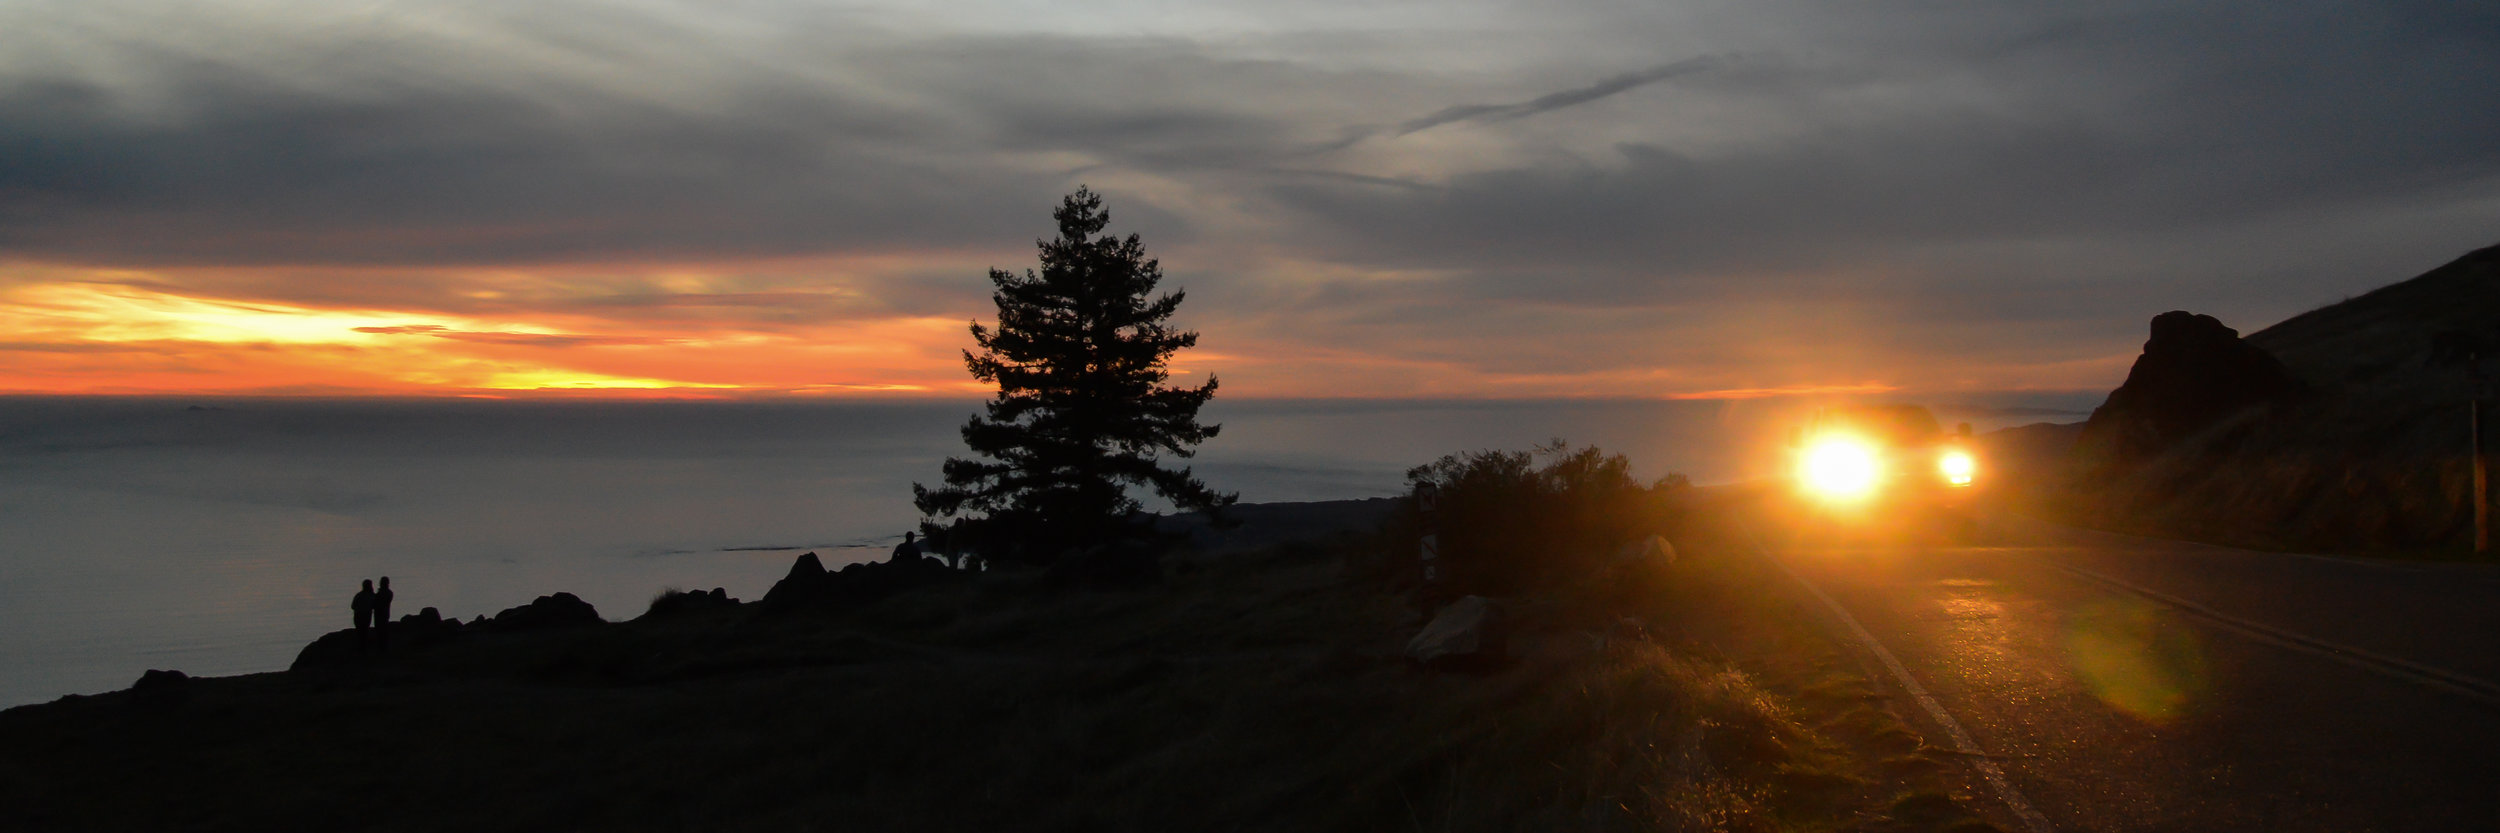 Tam-sunset-letterbox-5-4617.jpg